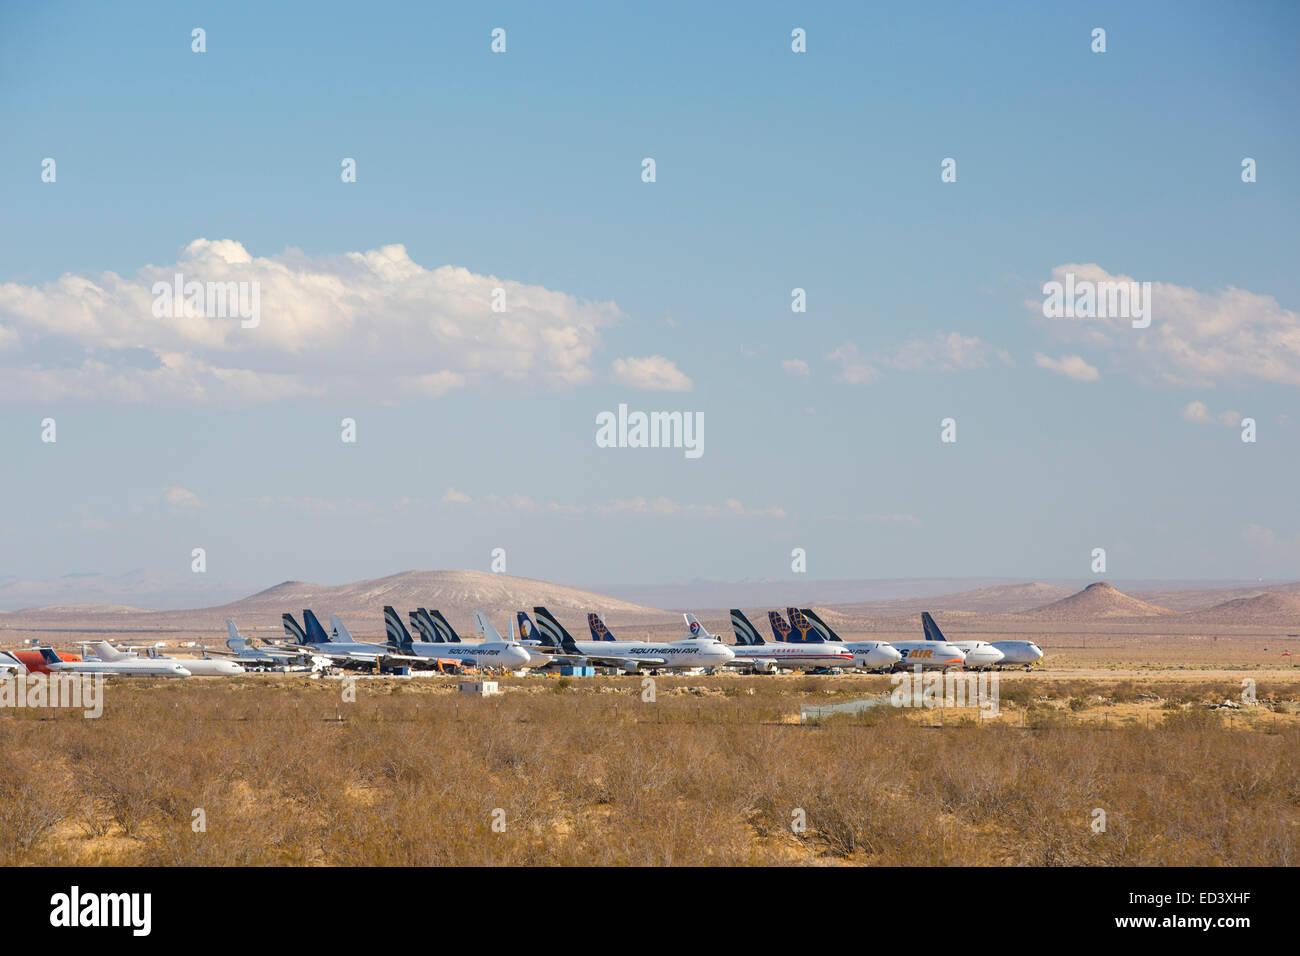 Cimetiere Avion Usa un avion cimetière à mojave, californai, usa banque d'images, photo